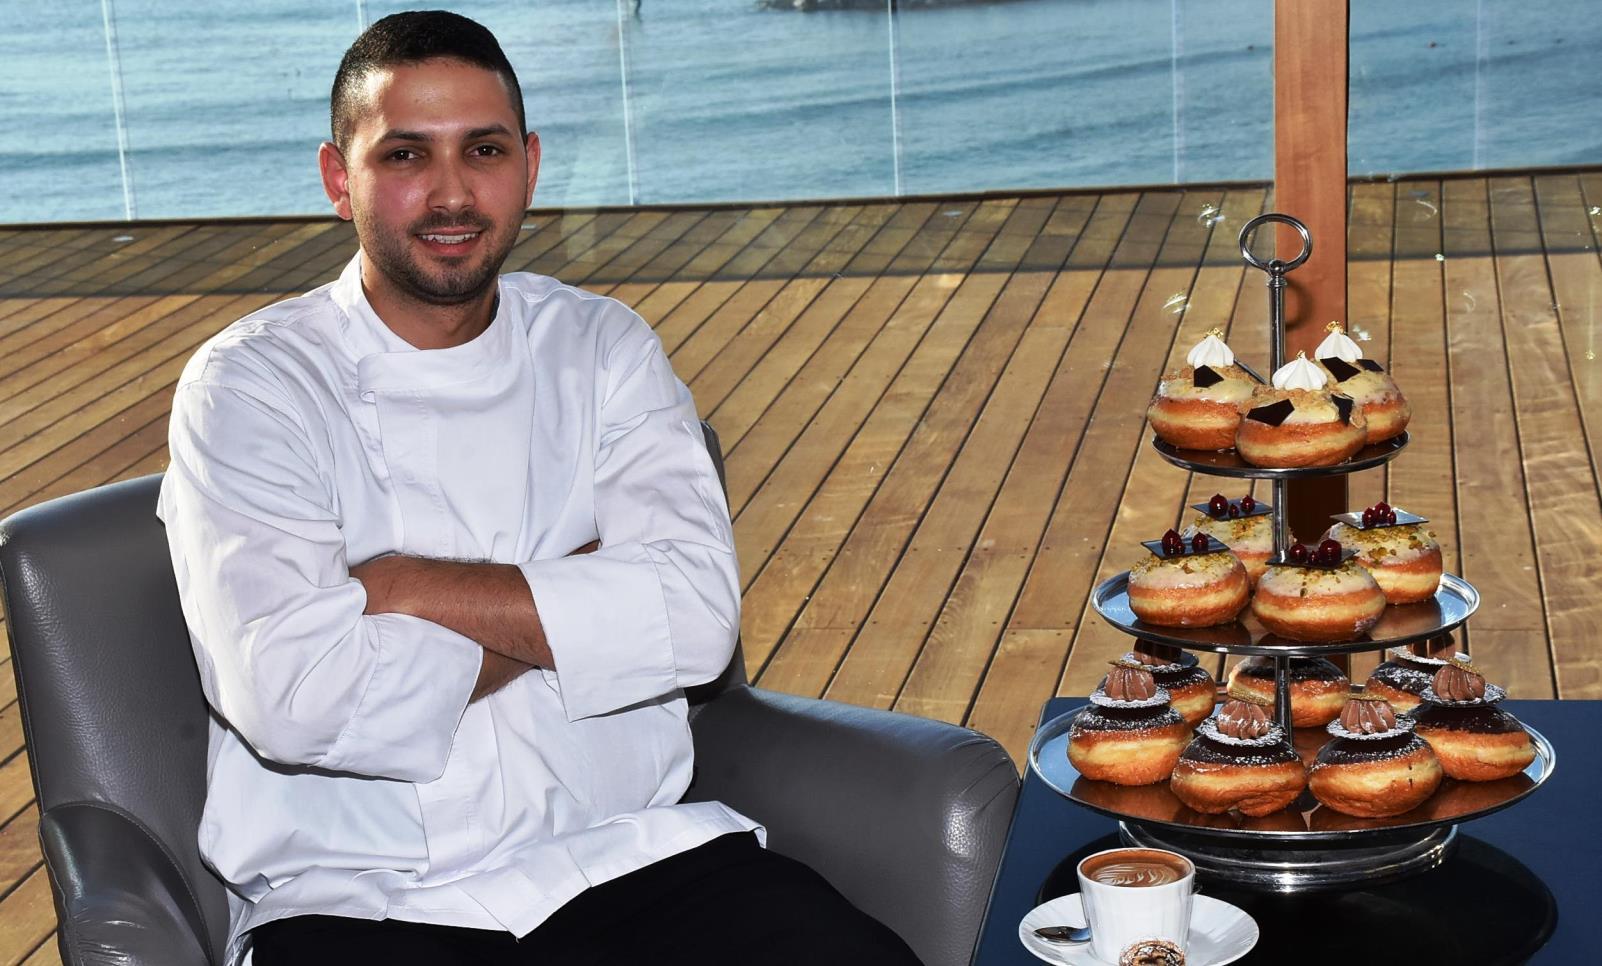 Tel Aviv Hilton pastry chef Idan Hadad, 26, with his Hanukkah 2016 sufganiyot collection. Photo: courtesy